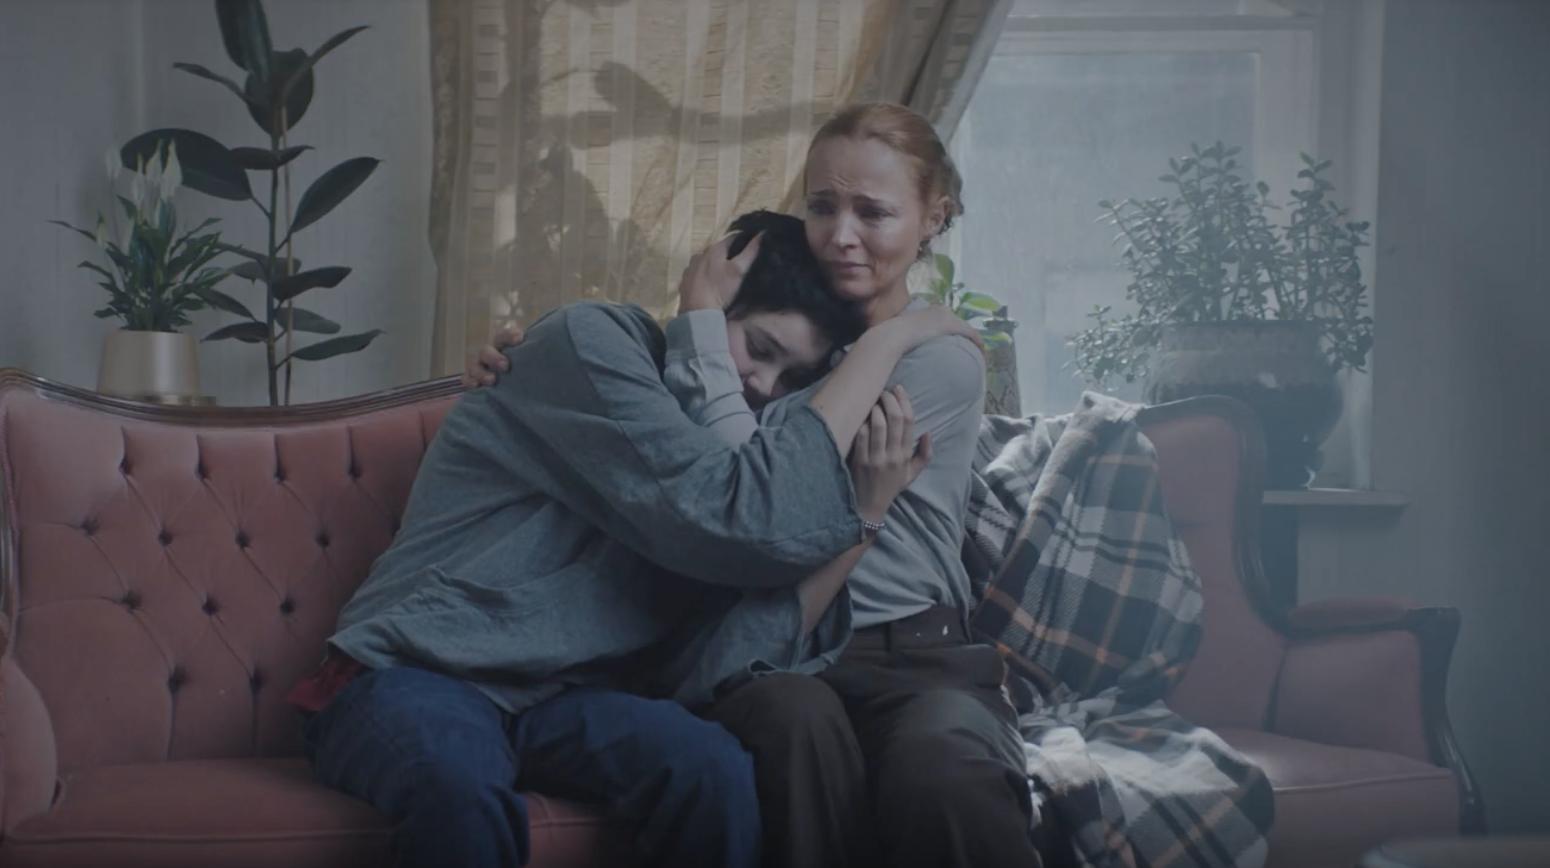 Кадр из 4-х минутного социального ролика Валерии Германики